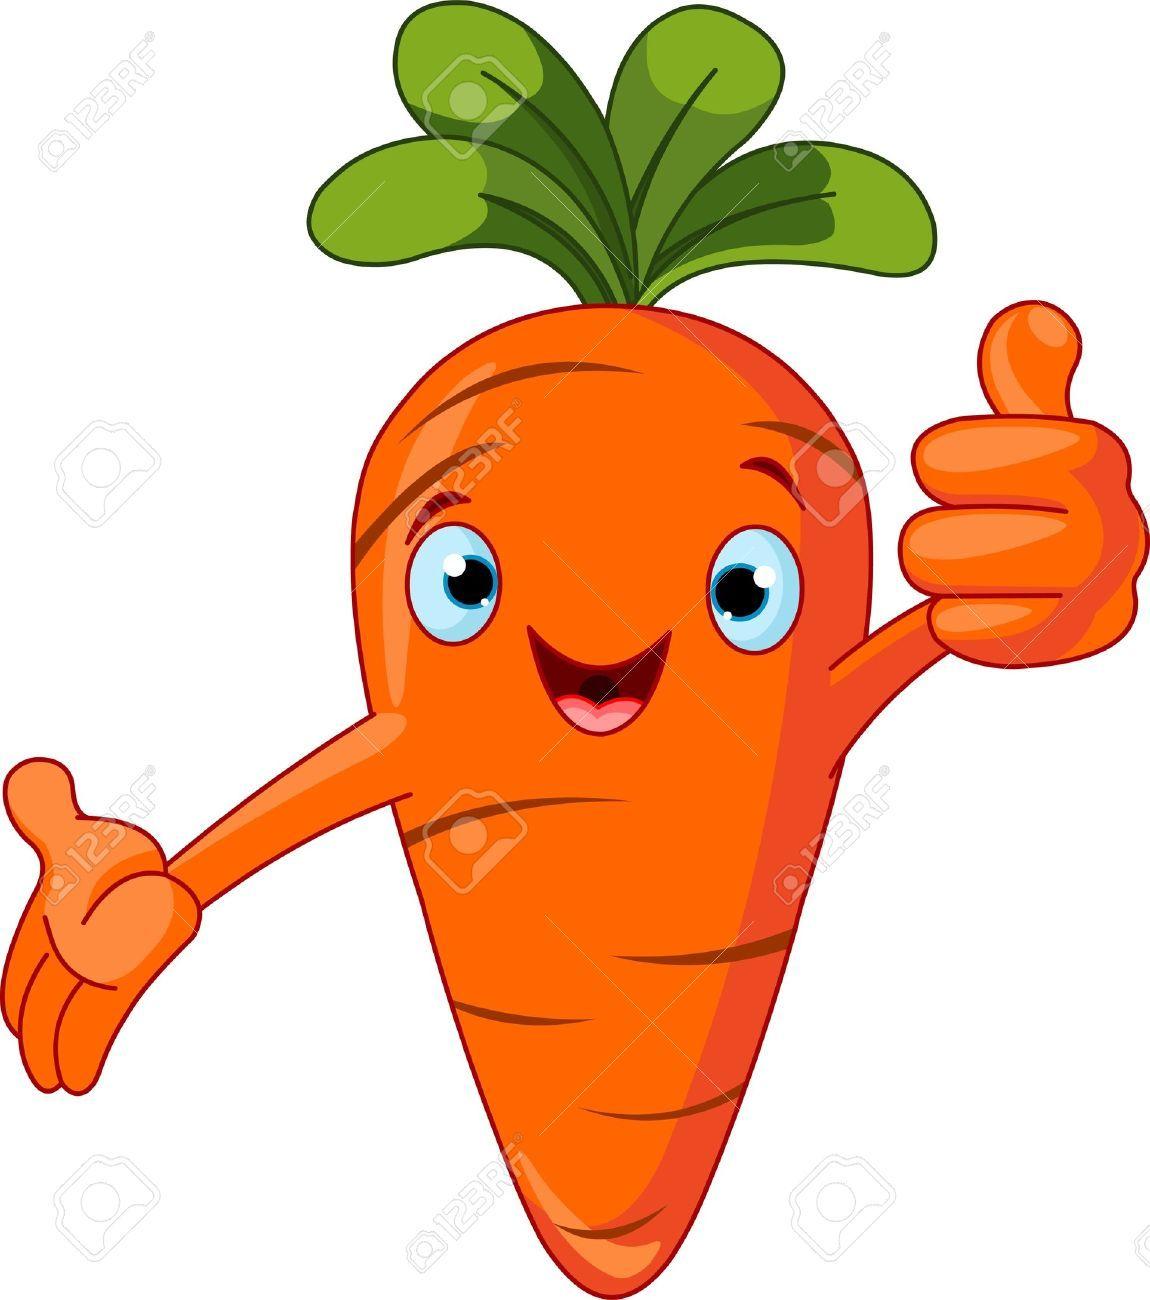 Resultado De Imagen Para Zanahorias Animadas Zanahorias Dibujo Dibujos De Frutas Y Dibujos Frutas Y Verduras #dibujo #naranja #zanahoria #motivacion #metas #fitness #alimentacion. zanahorias dibujo dibujos de frutas y